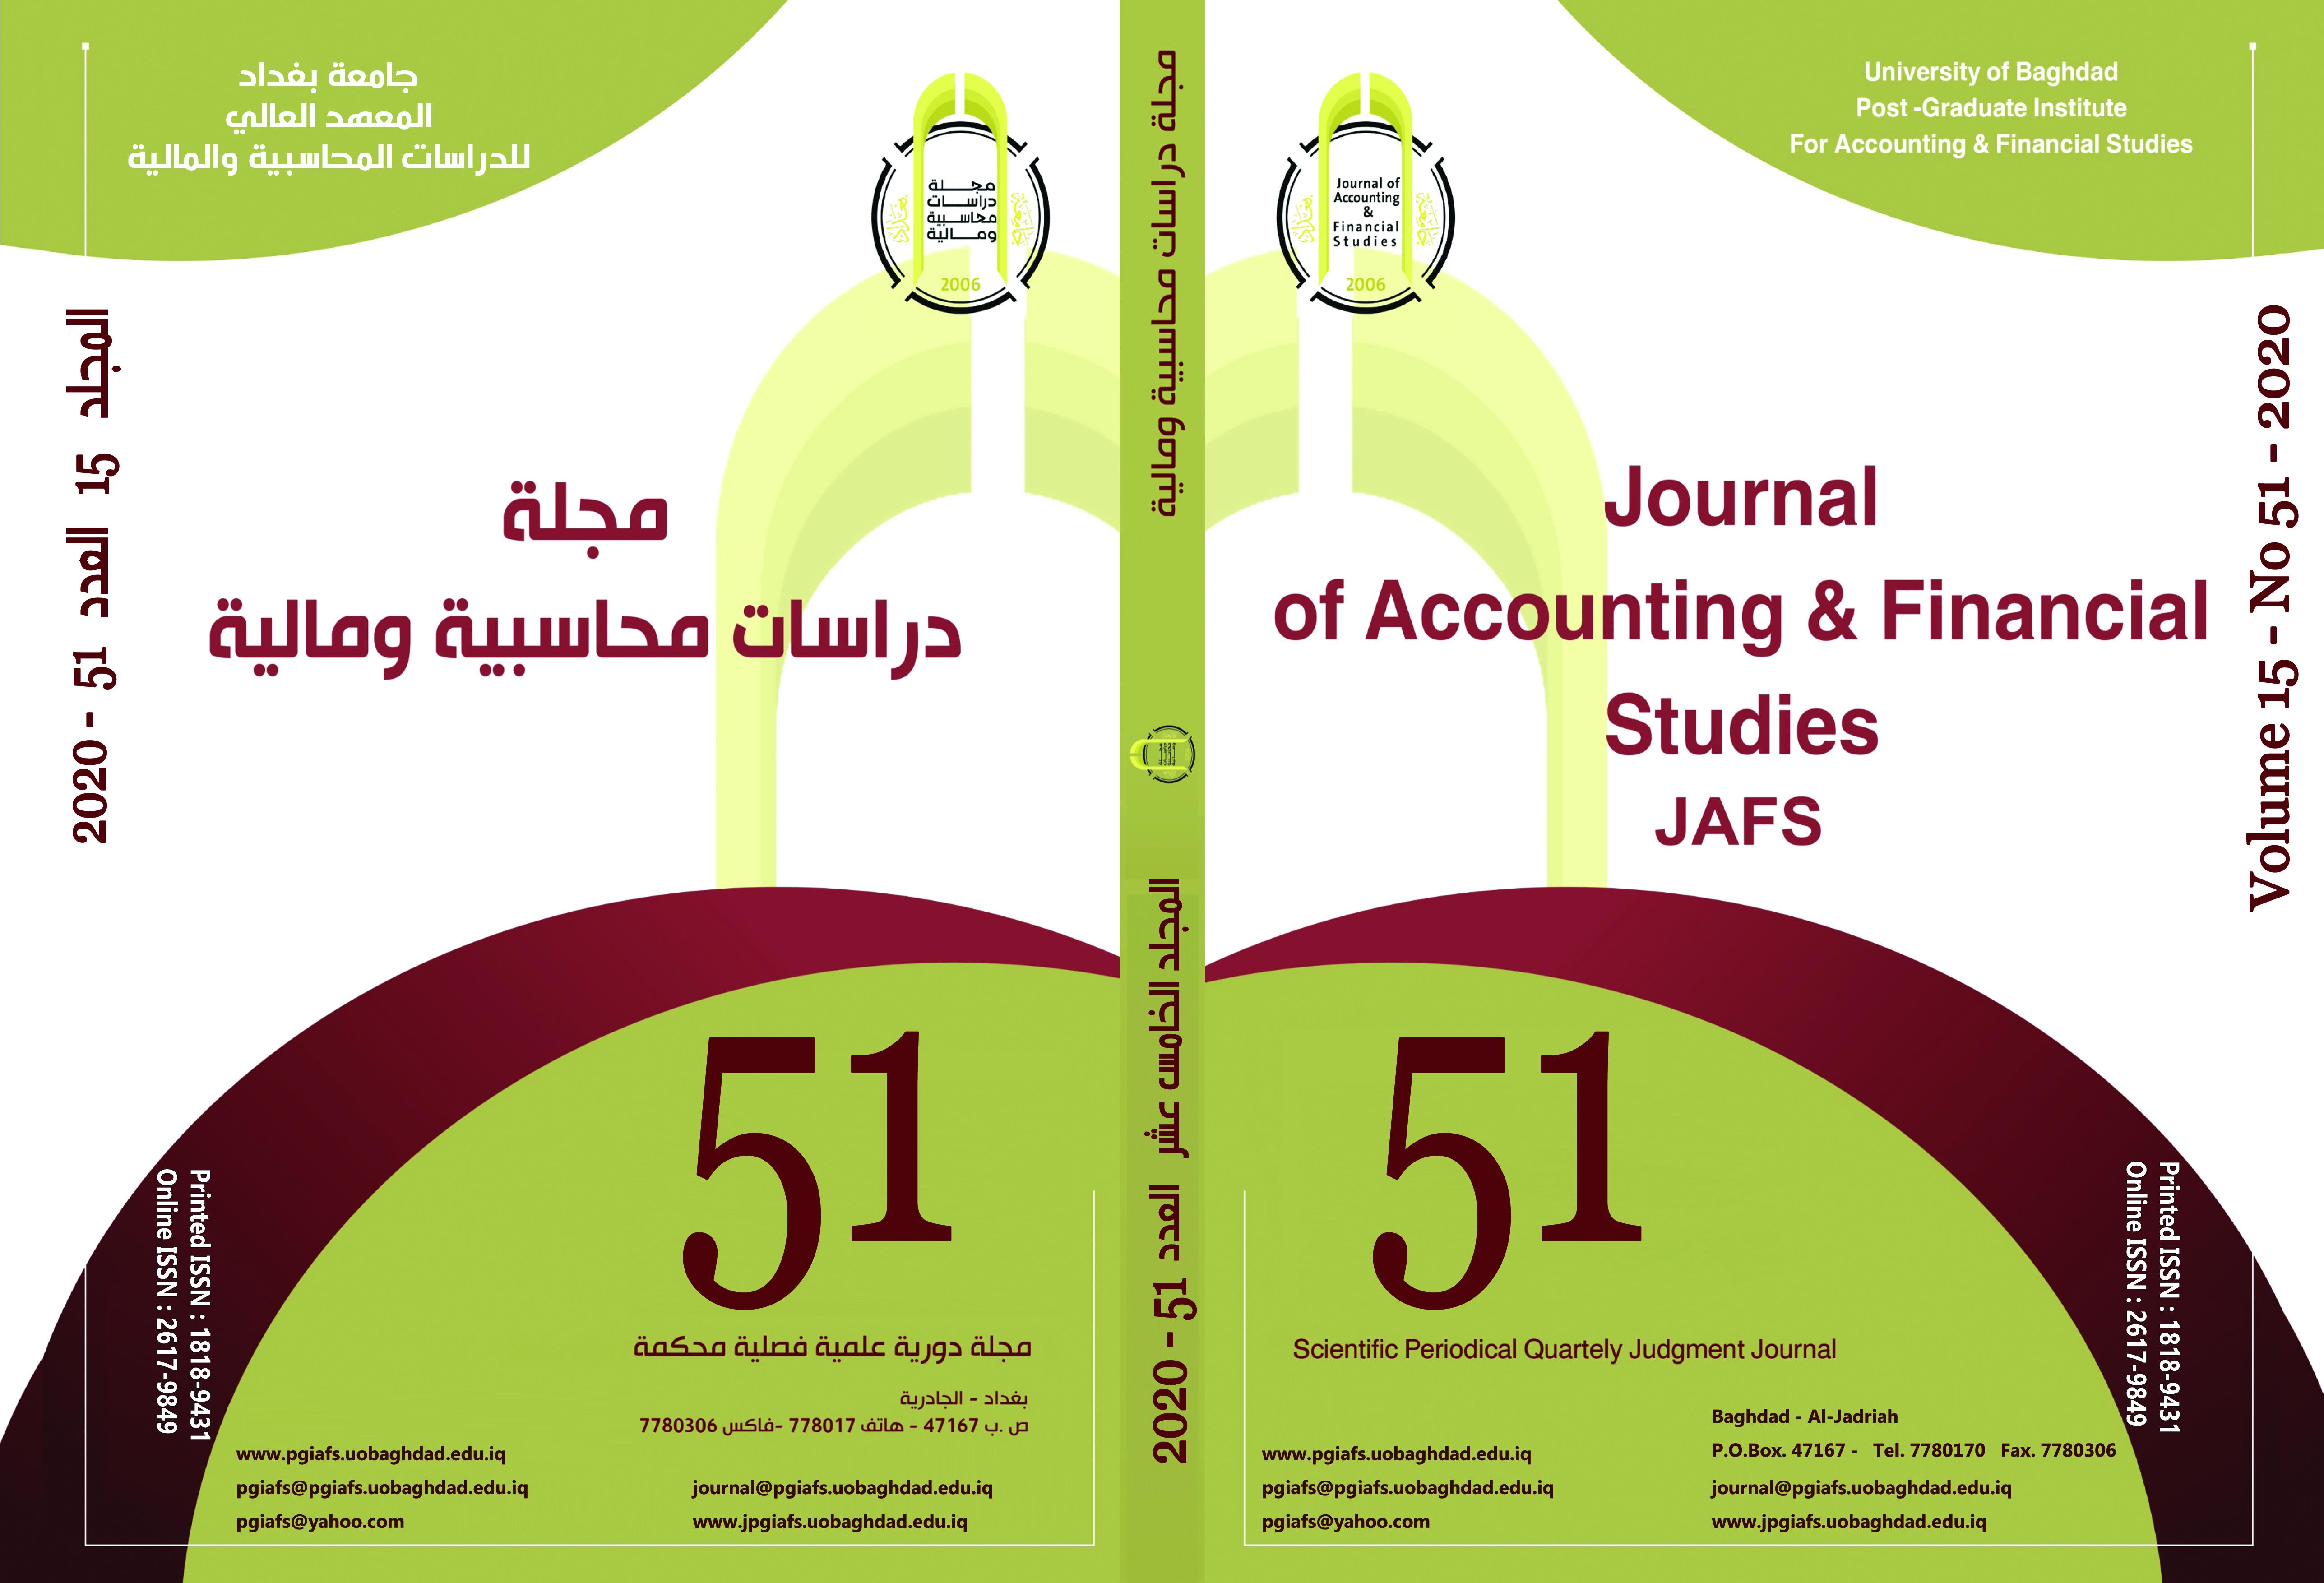 مجلة دراسات محاسبية ومالية